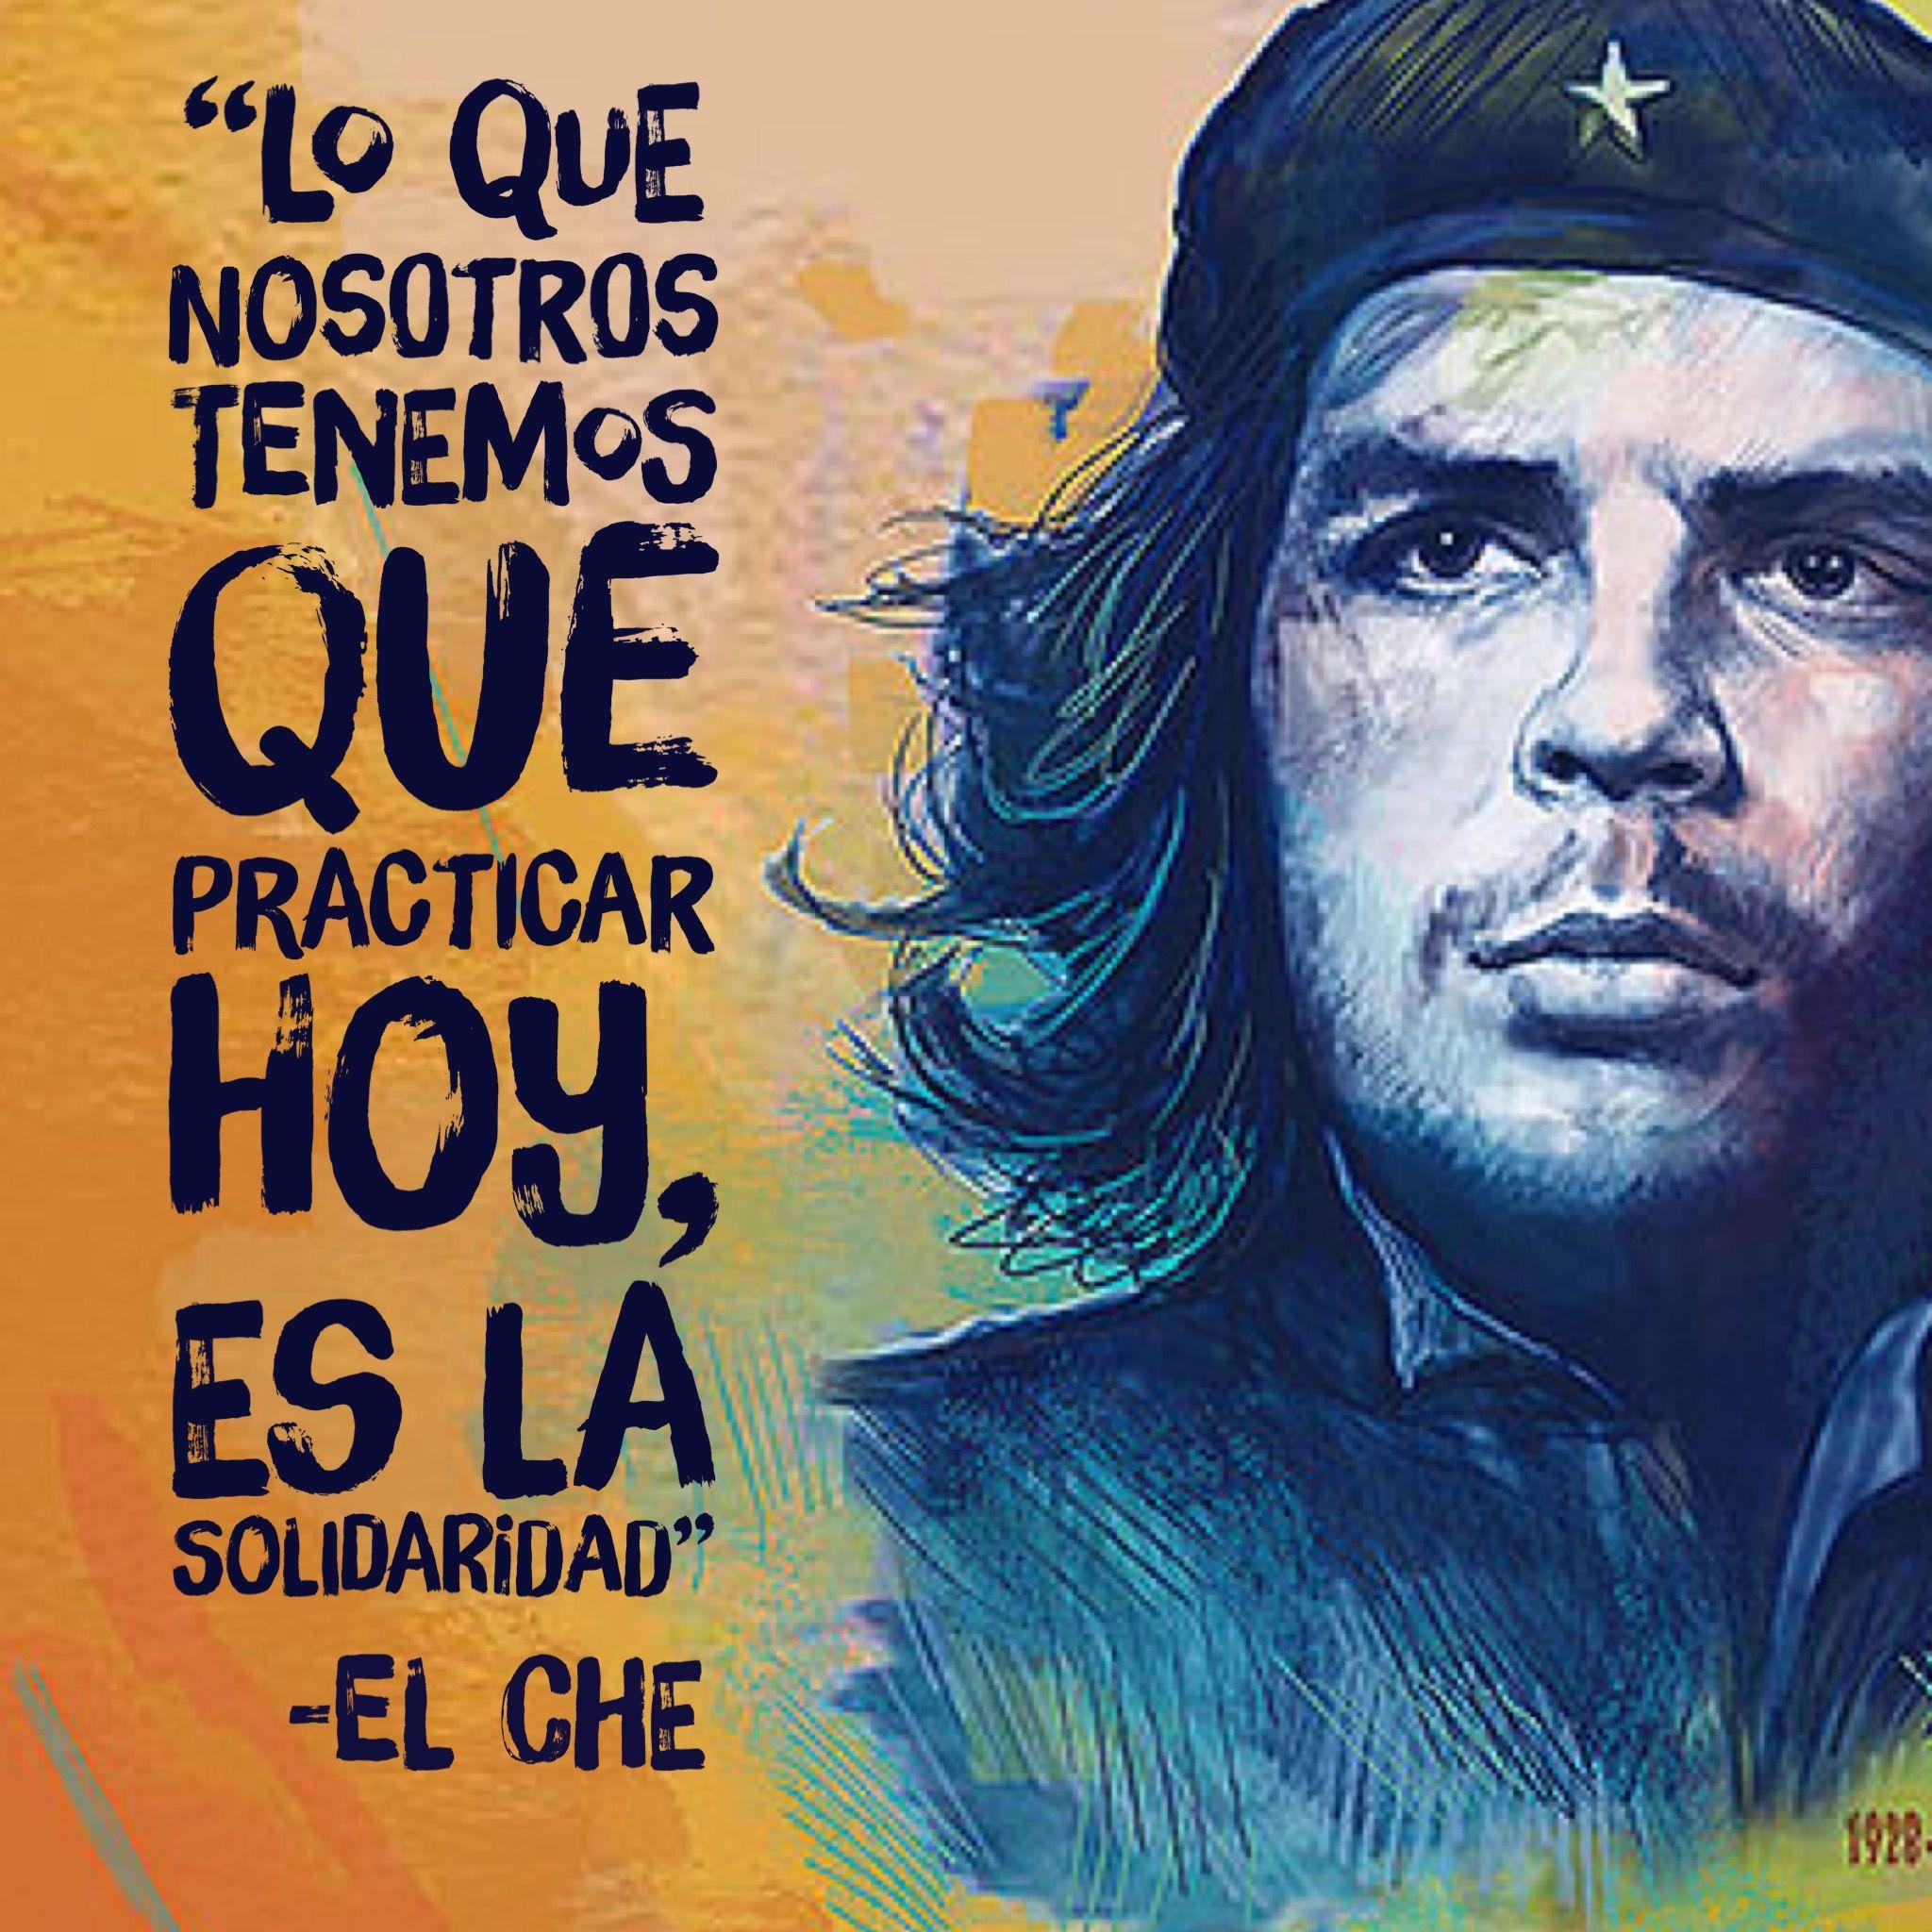 """""""Hasta la victoria siempre"""" - el che #AsíLoDijo #AsíLoEscribió"""